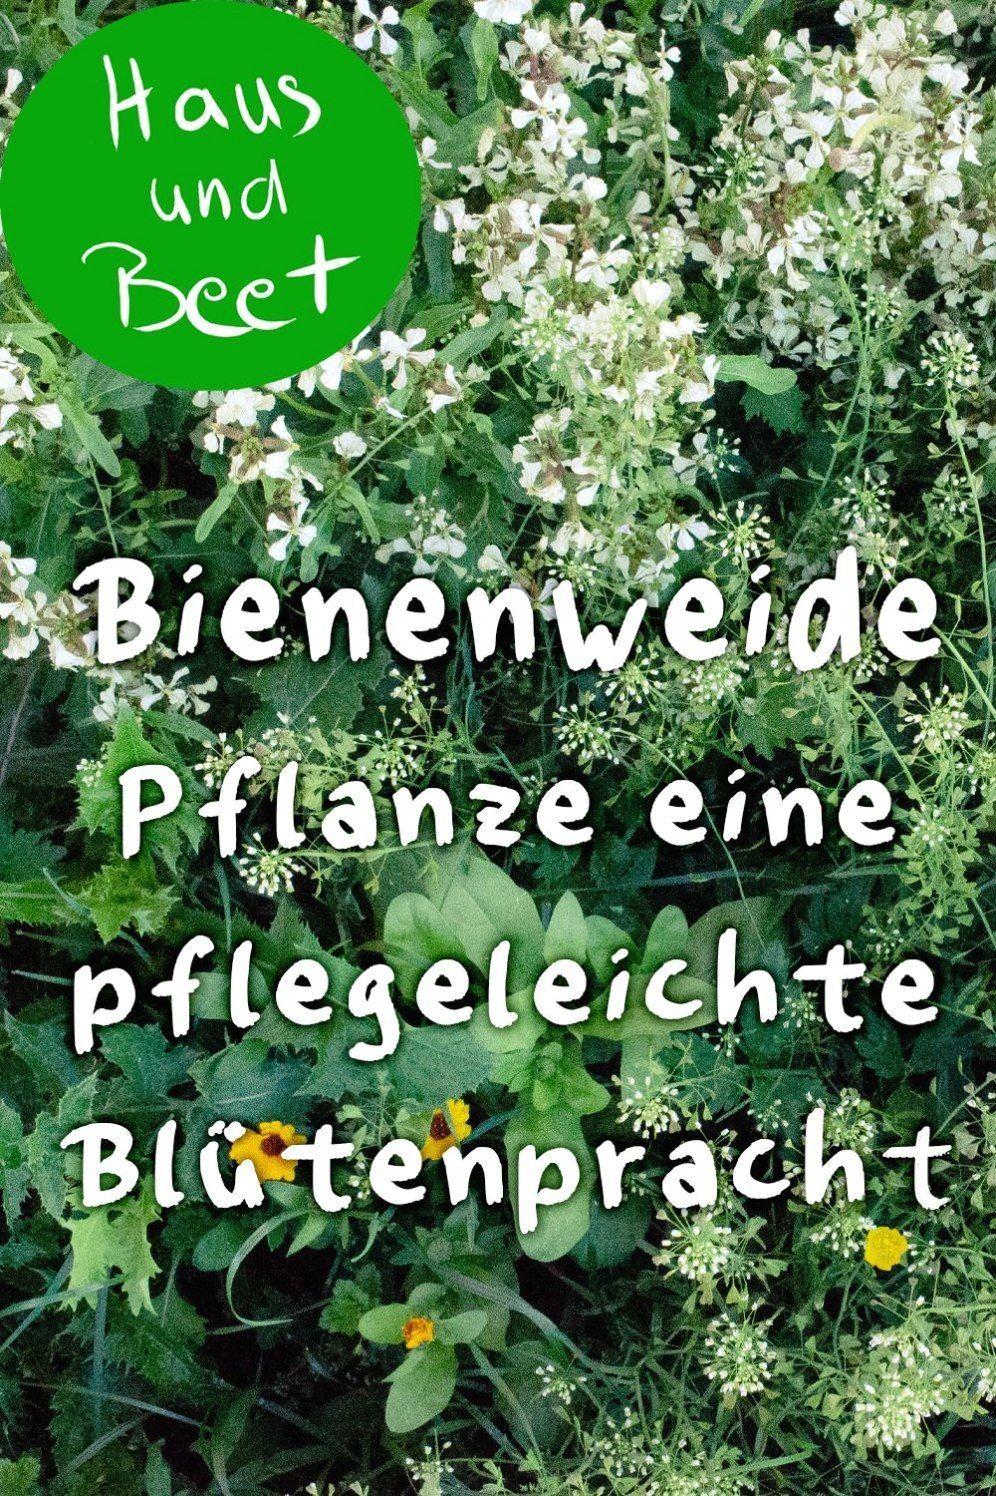 Bienenweide Pflanze Eine Pflegeleichte Blutenpracht Ob Auf Dem Balkon Oder Im Bienenweide Pflanzen Bienenfreundliche Pflanzen Bienenfreundlicher Garten